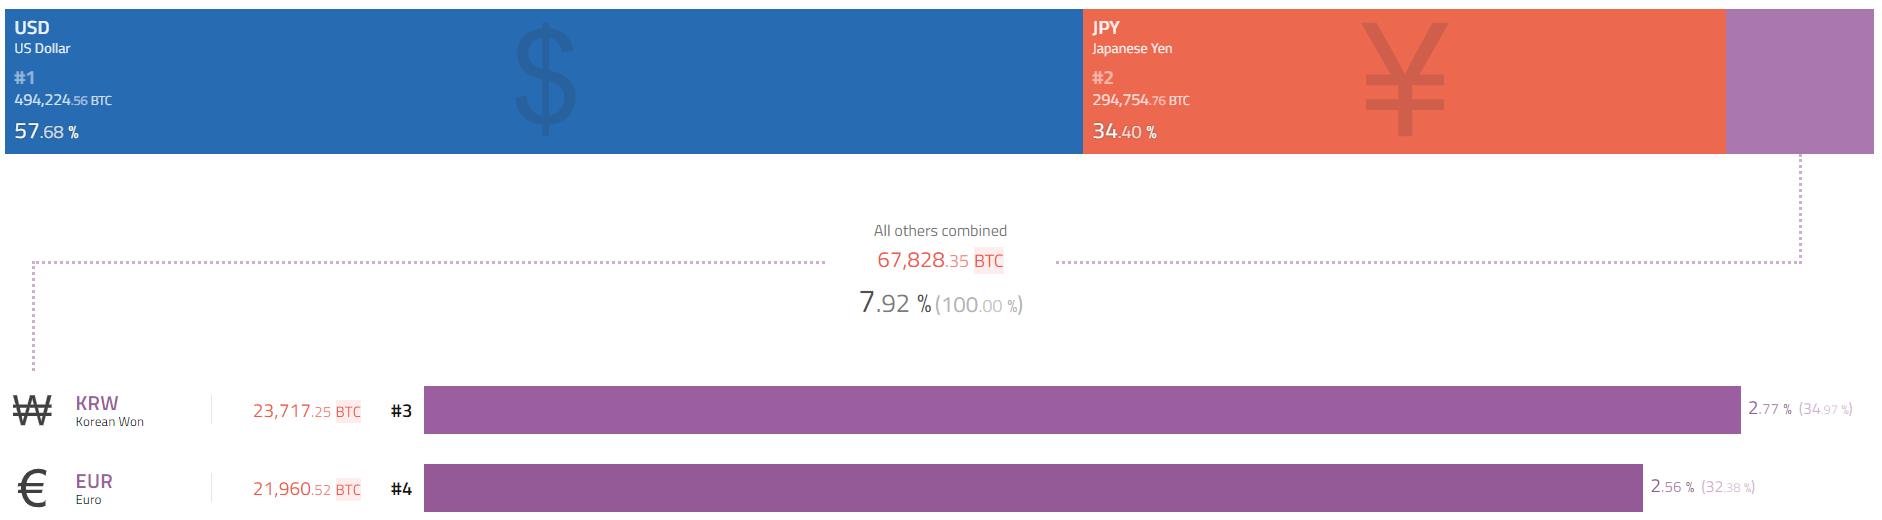 Объемы сделок на LocalBitcoins в Южной Корее вышли на новый рекордный уровень